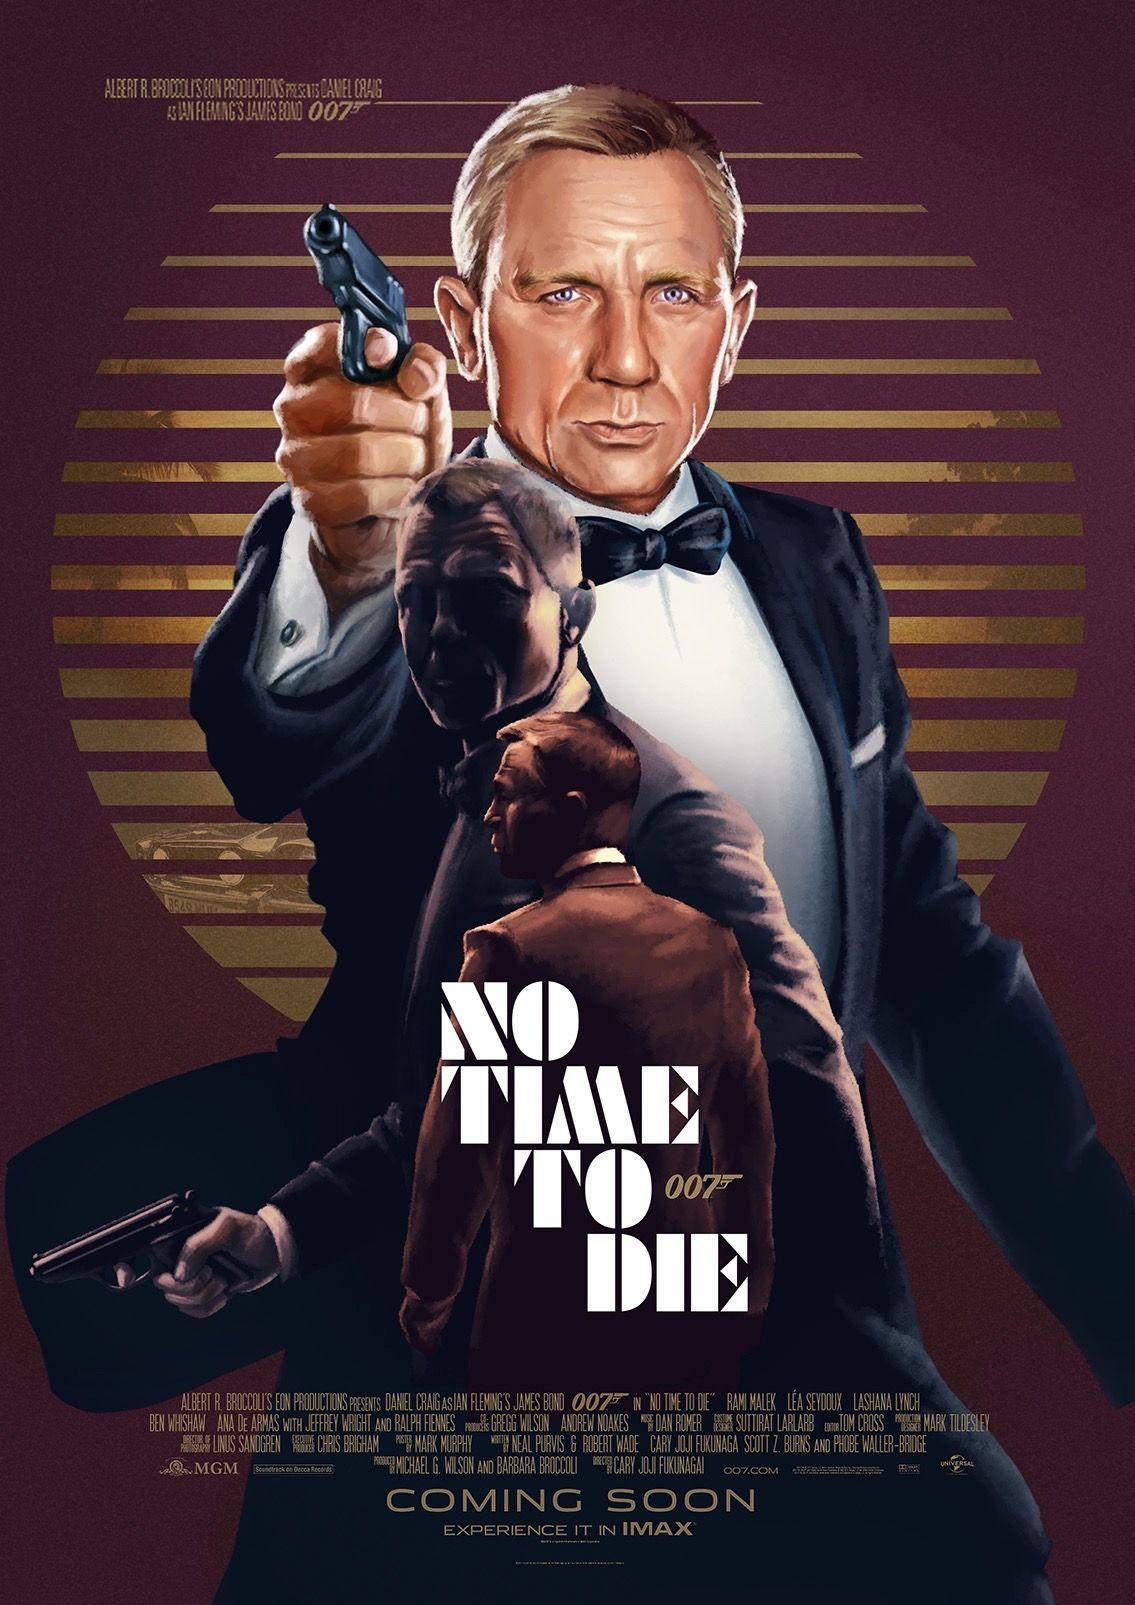 007 No Time To Die James Bond Movie Posters Bond Movies James Bond Movies